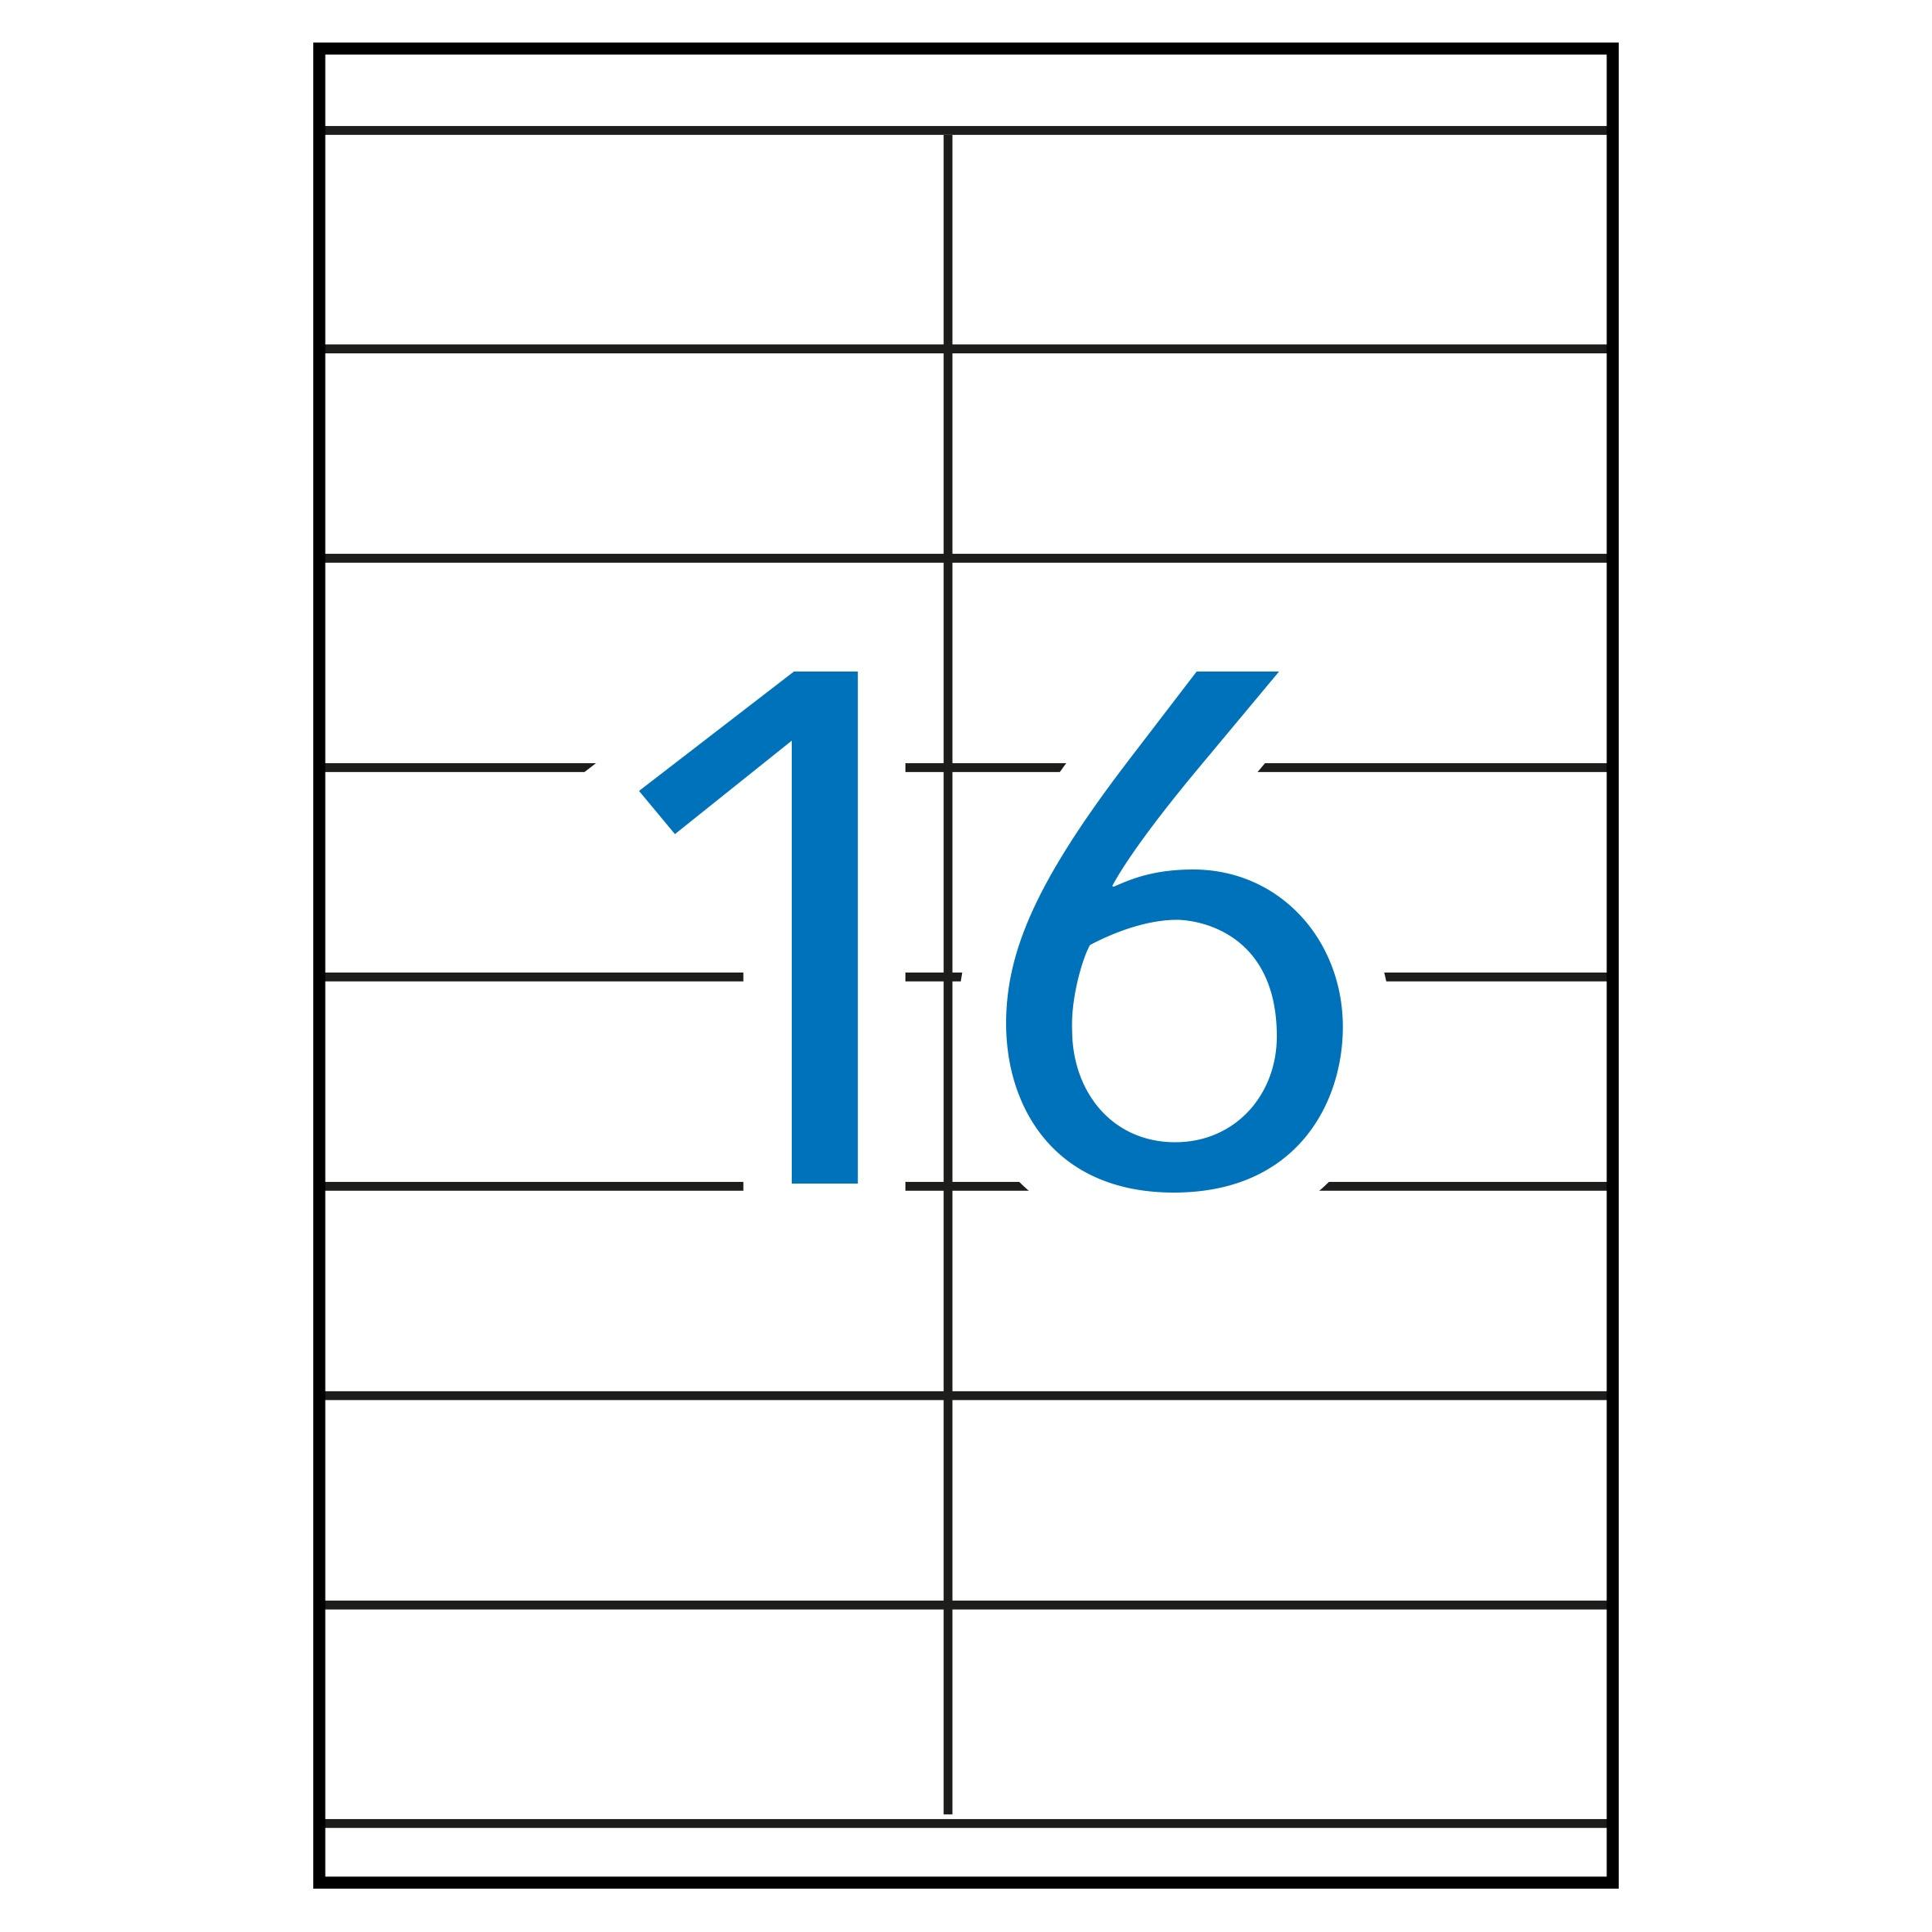 (52) ETIQUETAS INKJET LASER Y COPY 105X35